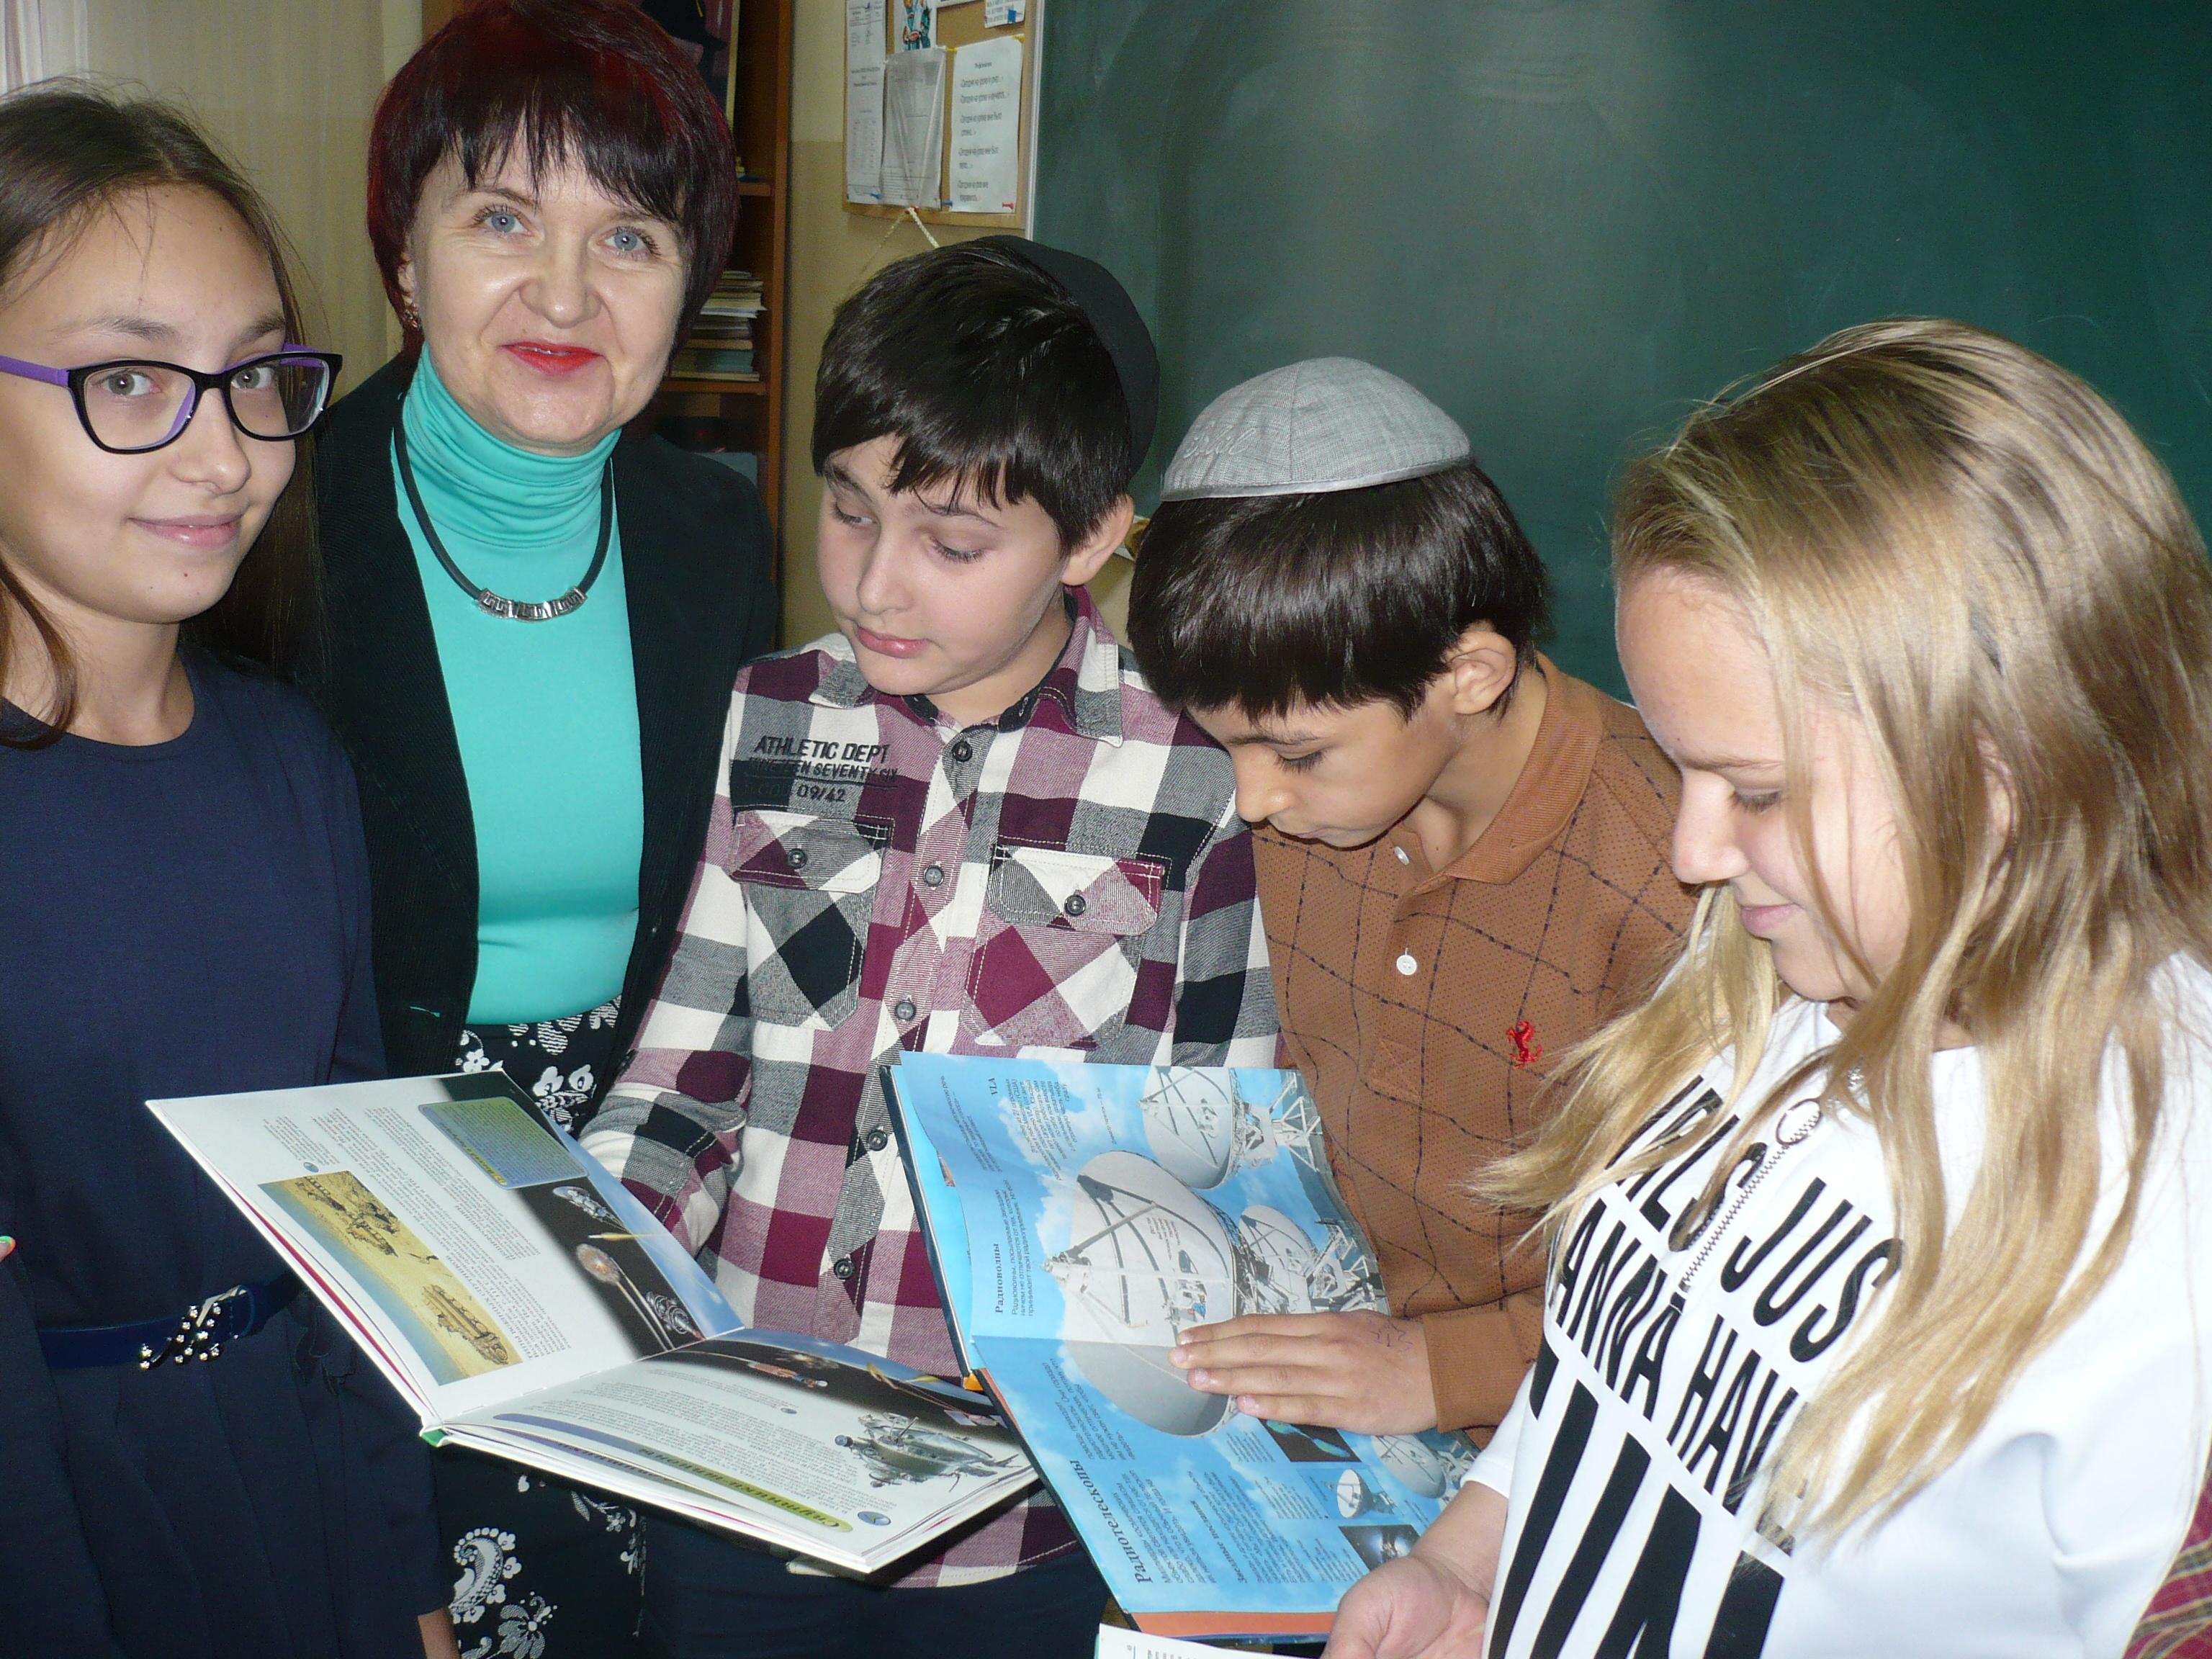 освоение космоса, донецкая республиканская библиотека для детей, занятия с детьми, отдел справочно-библиографического и информационного обслуживания, выдающиеся дончане